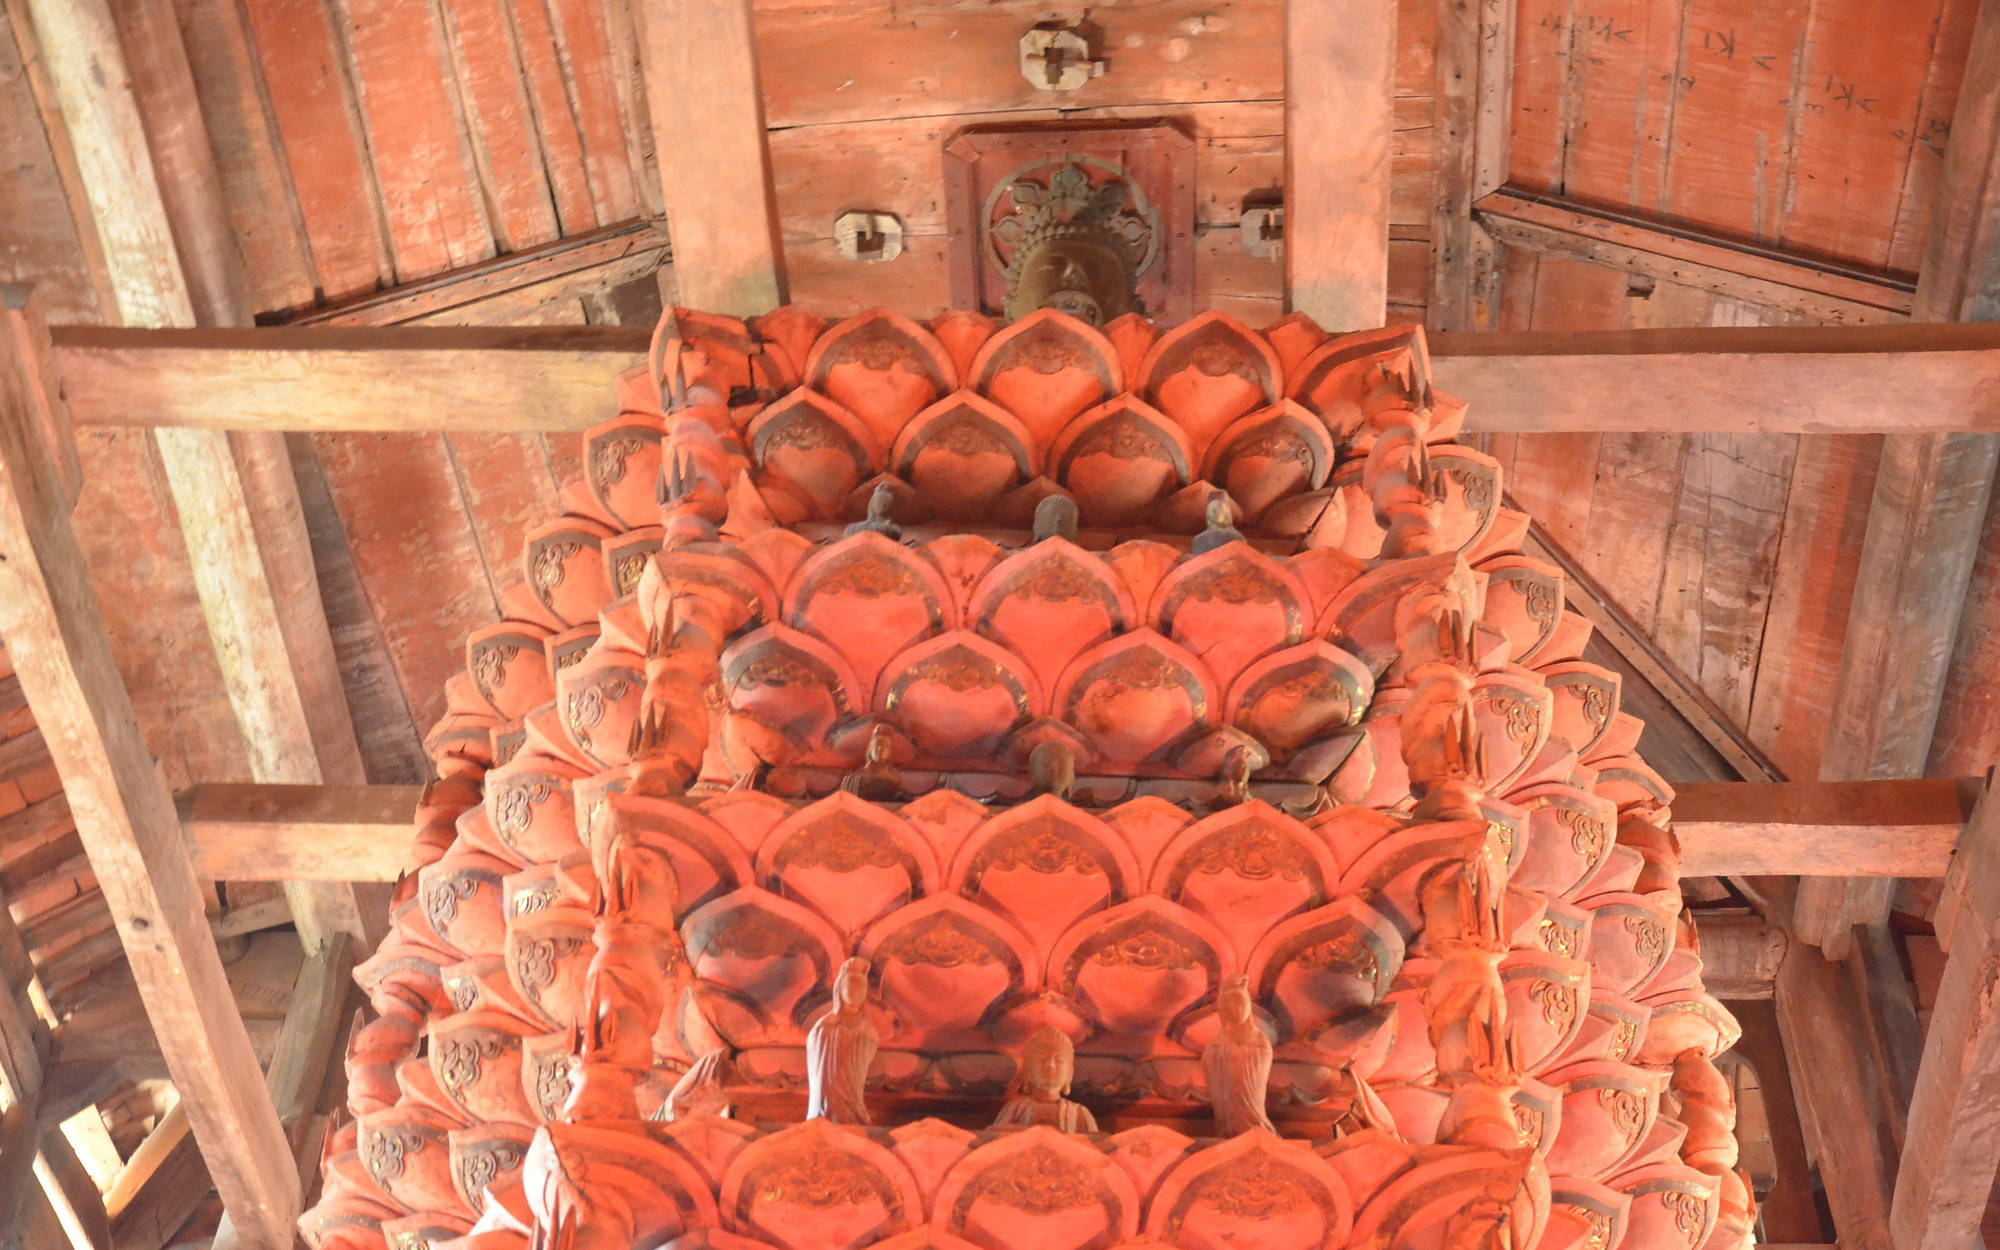 Báu vật quốc gia chỉ Việt Nam mới có hiện đang ở chùa Giám tỉnh Hải Dương là vật gì?